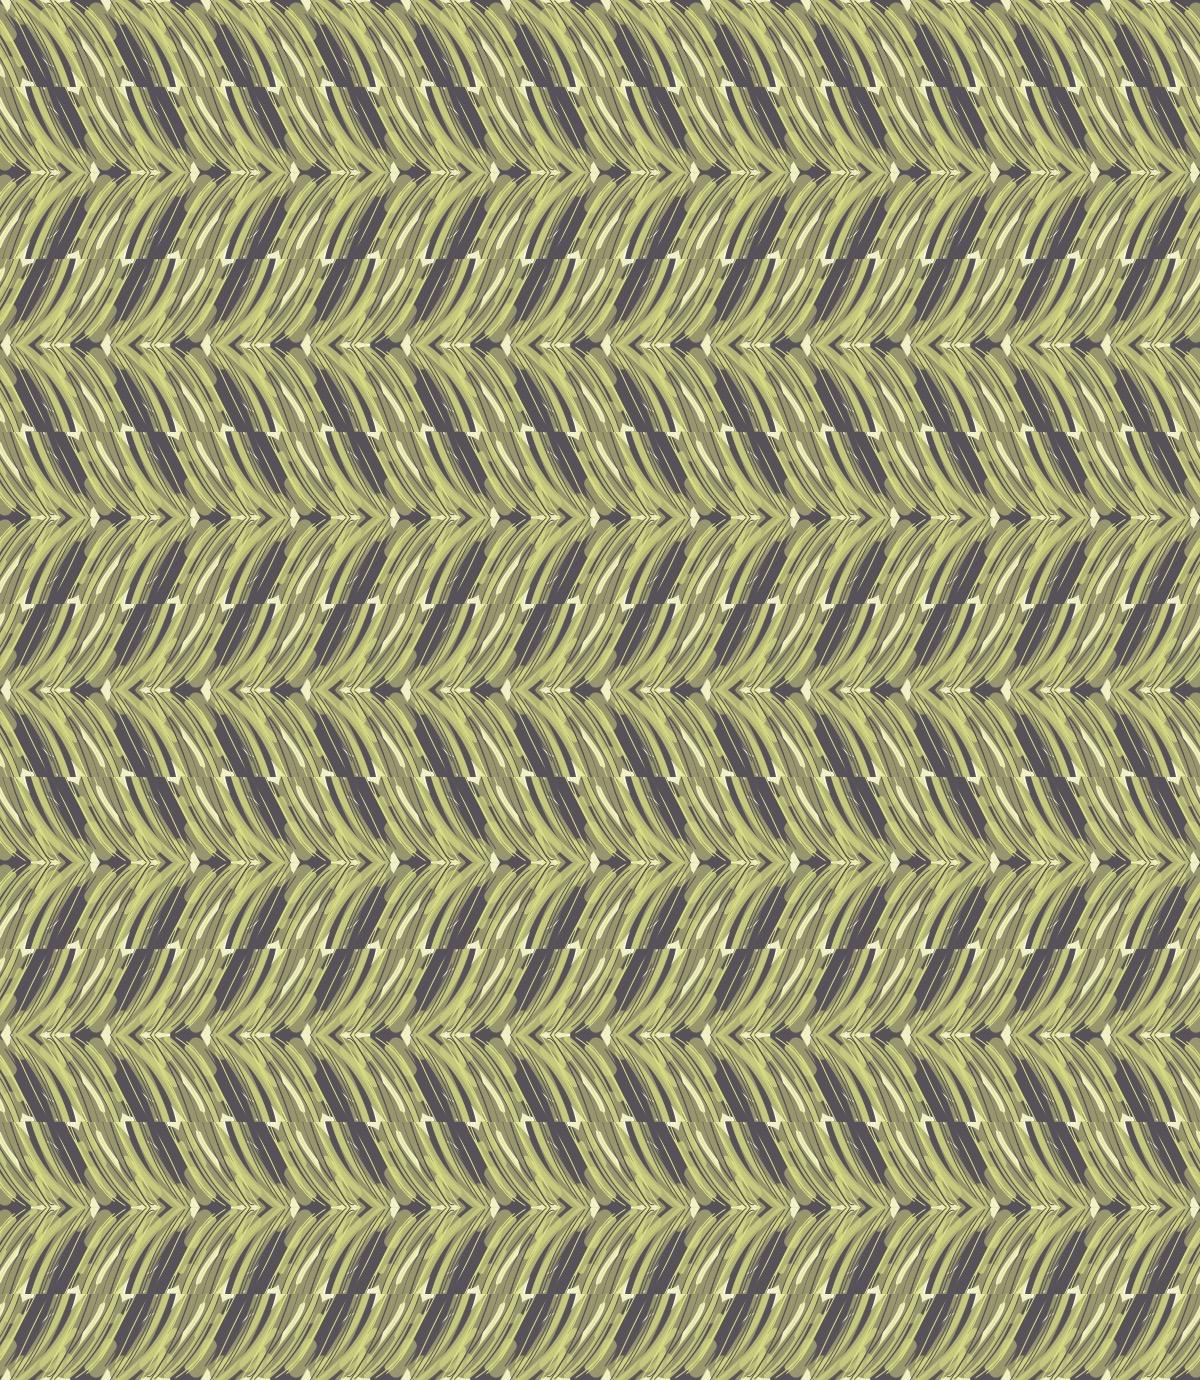 191_tiled